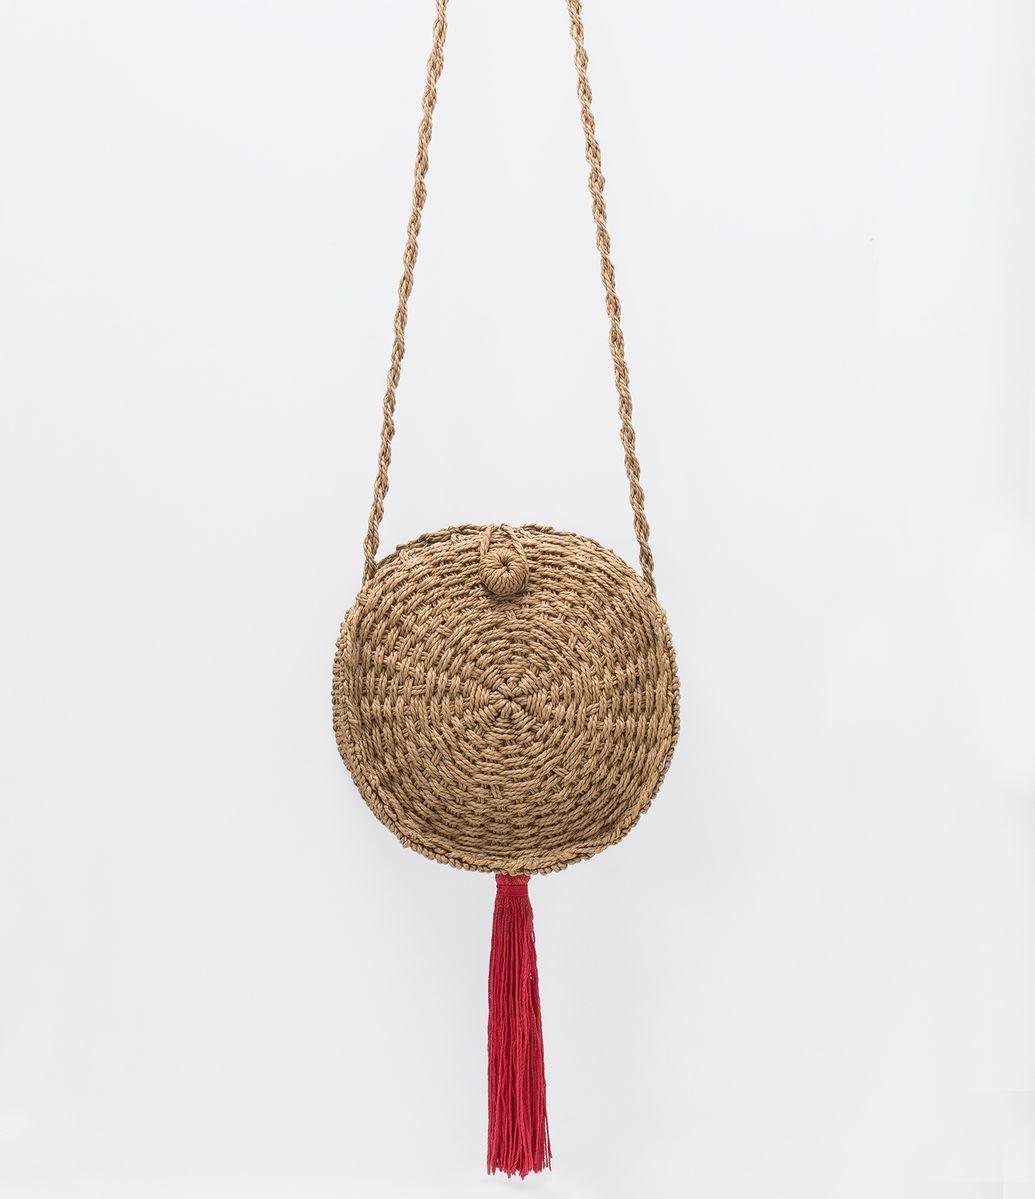 301b7c024 Bolsa de Palha Redonda com Tassel | Menor preço com cupom